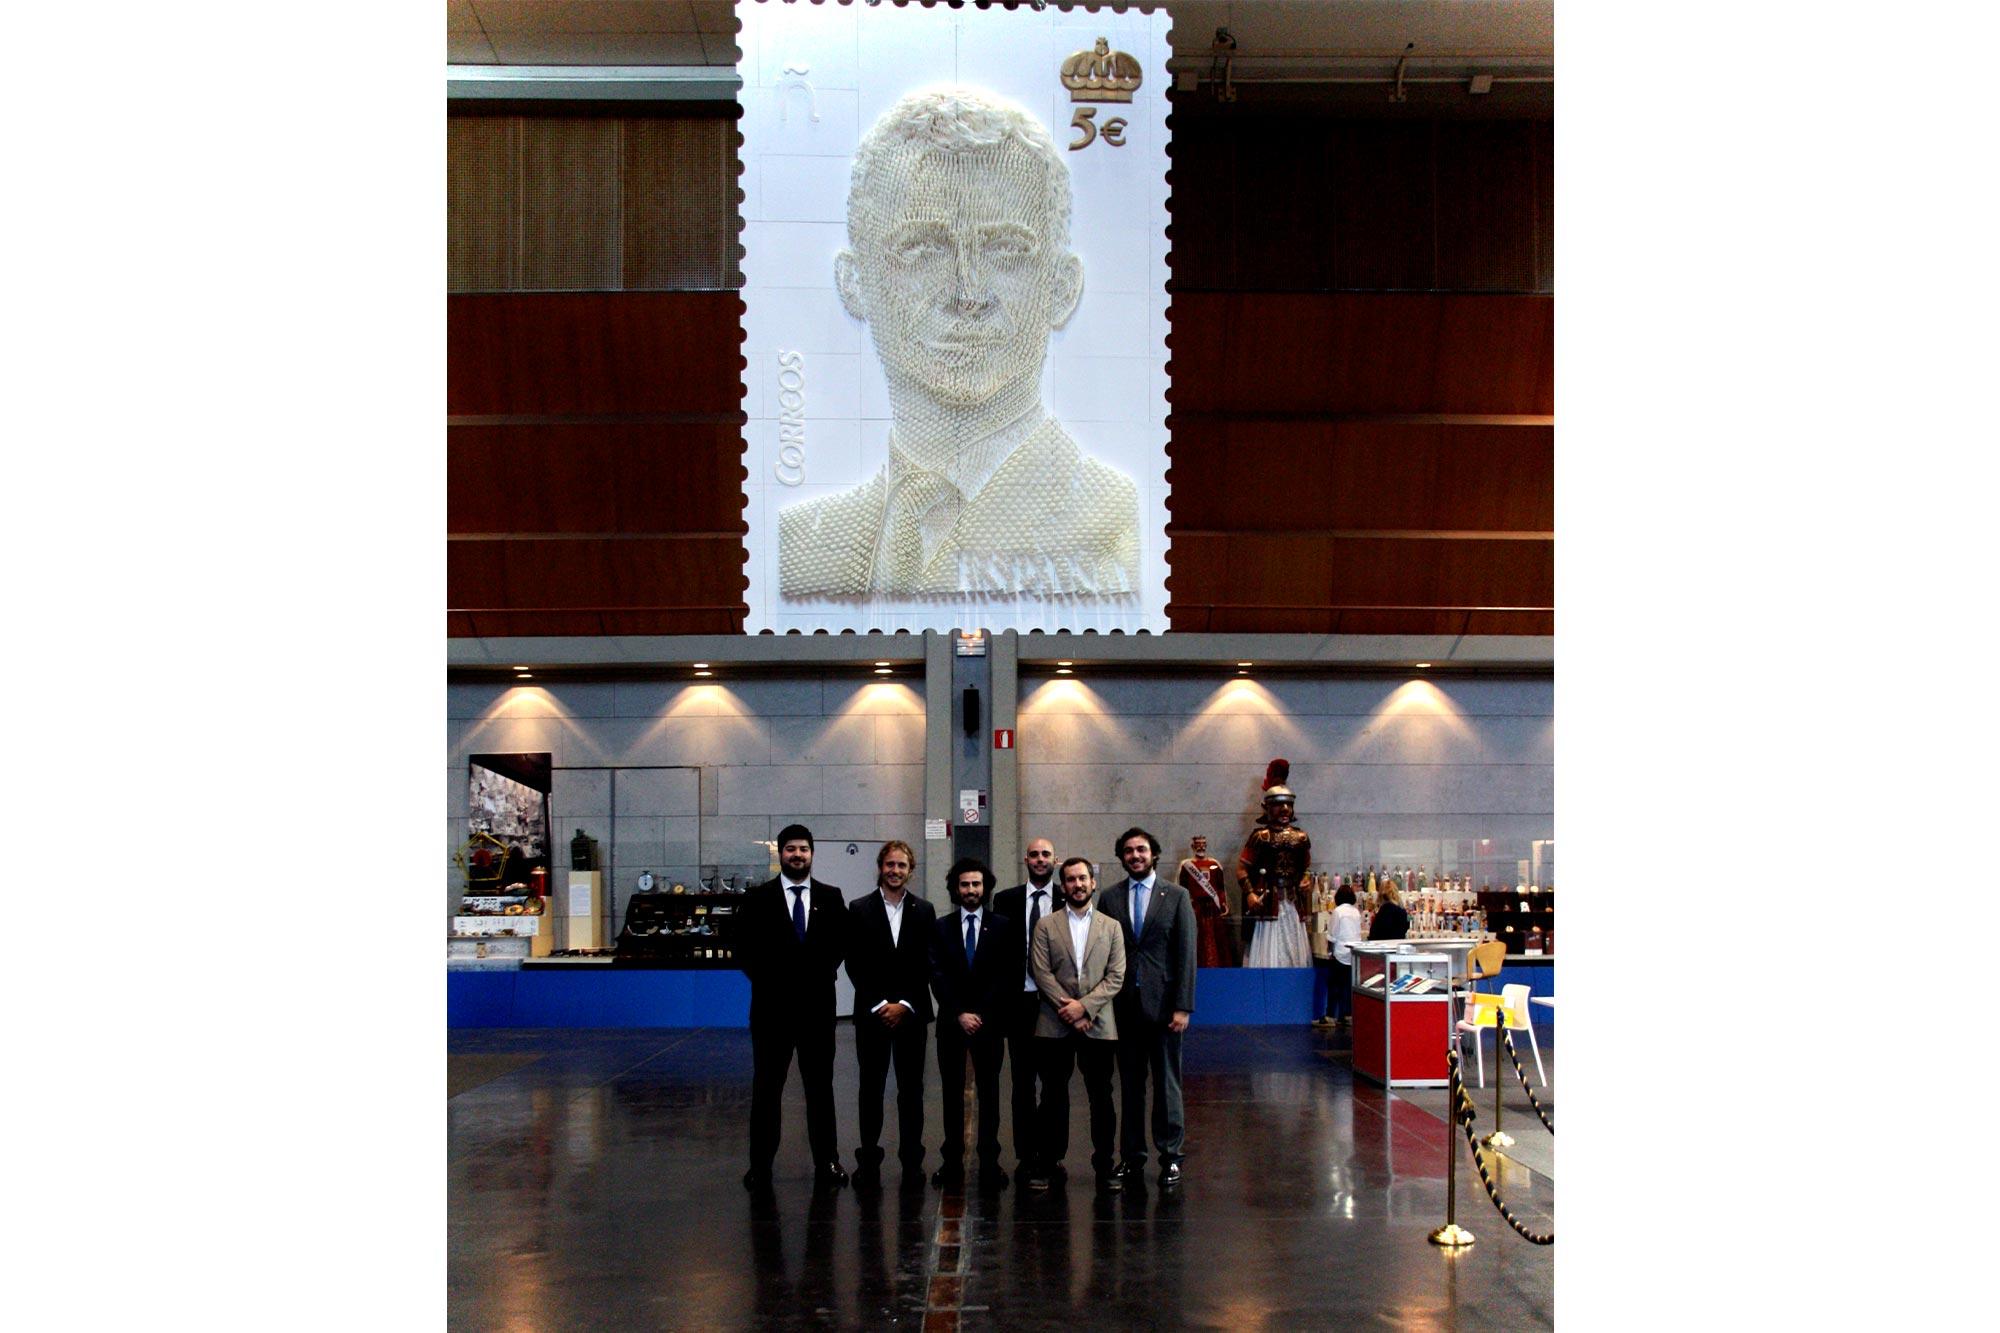 Sello impreso en 3D del Rey Felipe, realizado por el equipo del FABLAB de la Universidad Europea, donde nuestro equipo de EXarchitects colaboró.